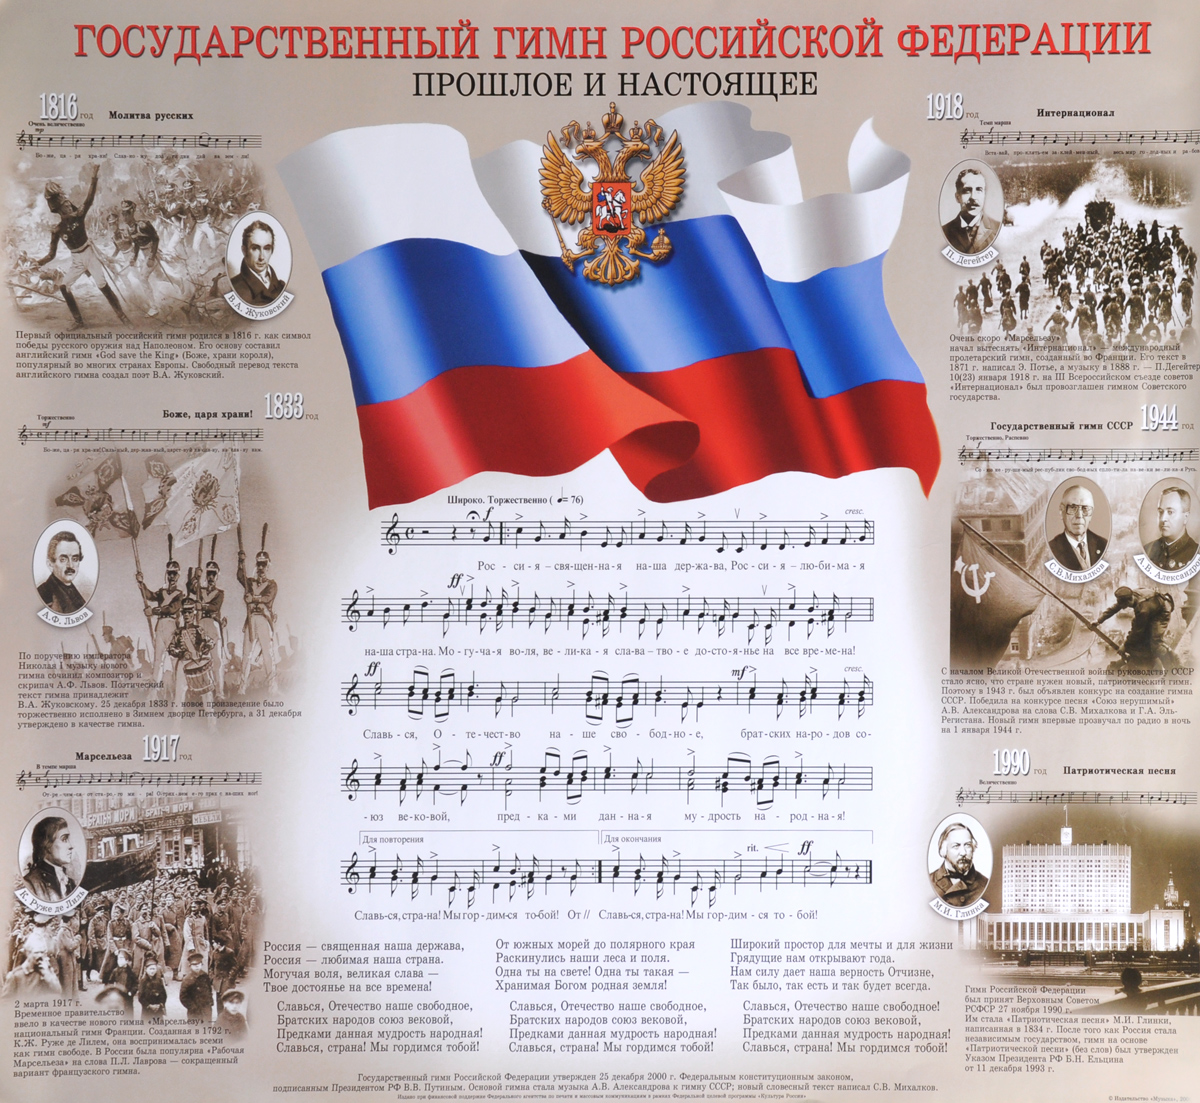 Государственный гимн Российской Федерации. Прошлое и настоящее. Плакат